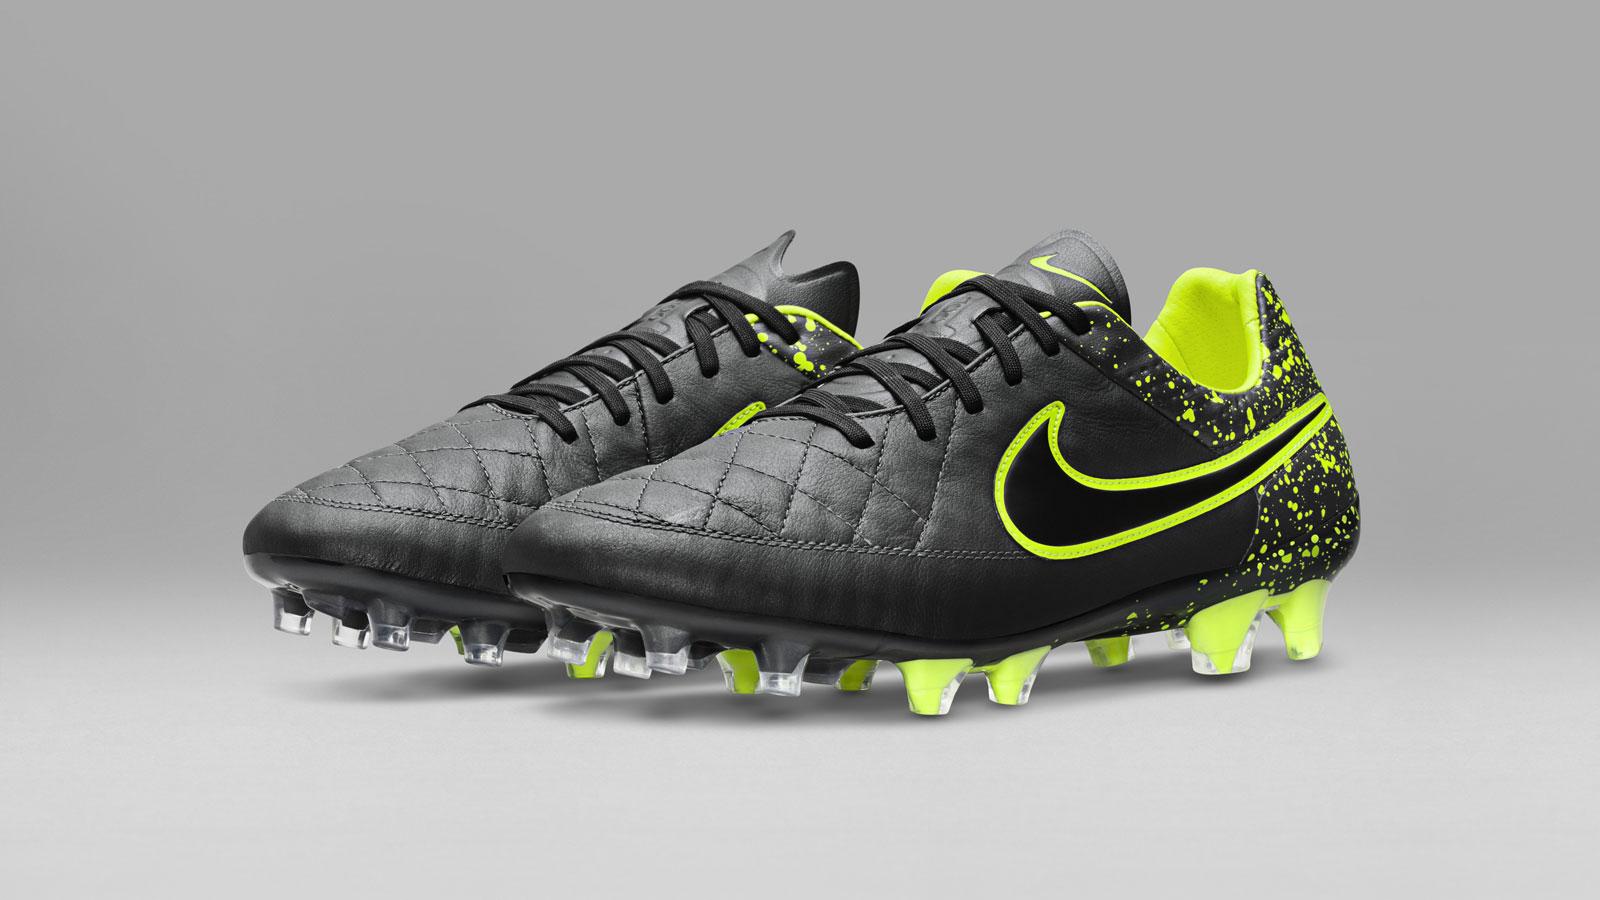 Die Nike Tiempo Legend Electro Flare Pack Schuhe online bstellen